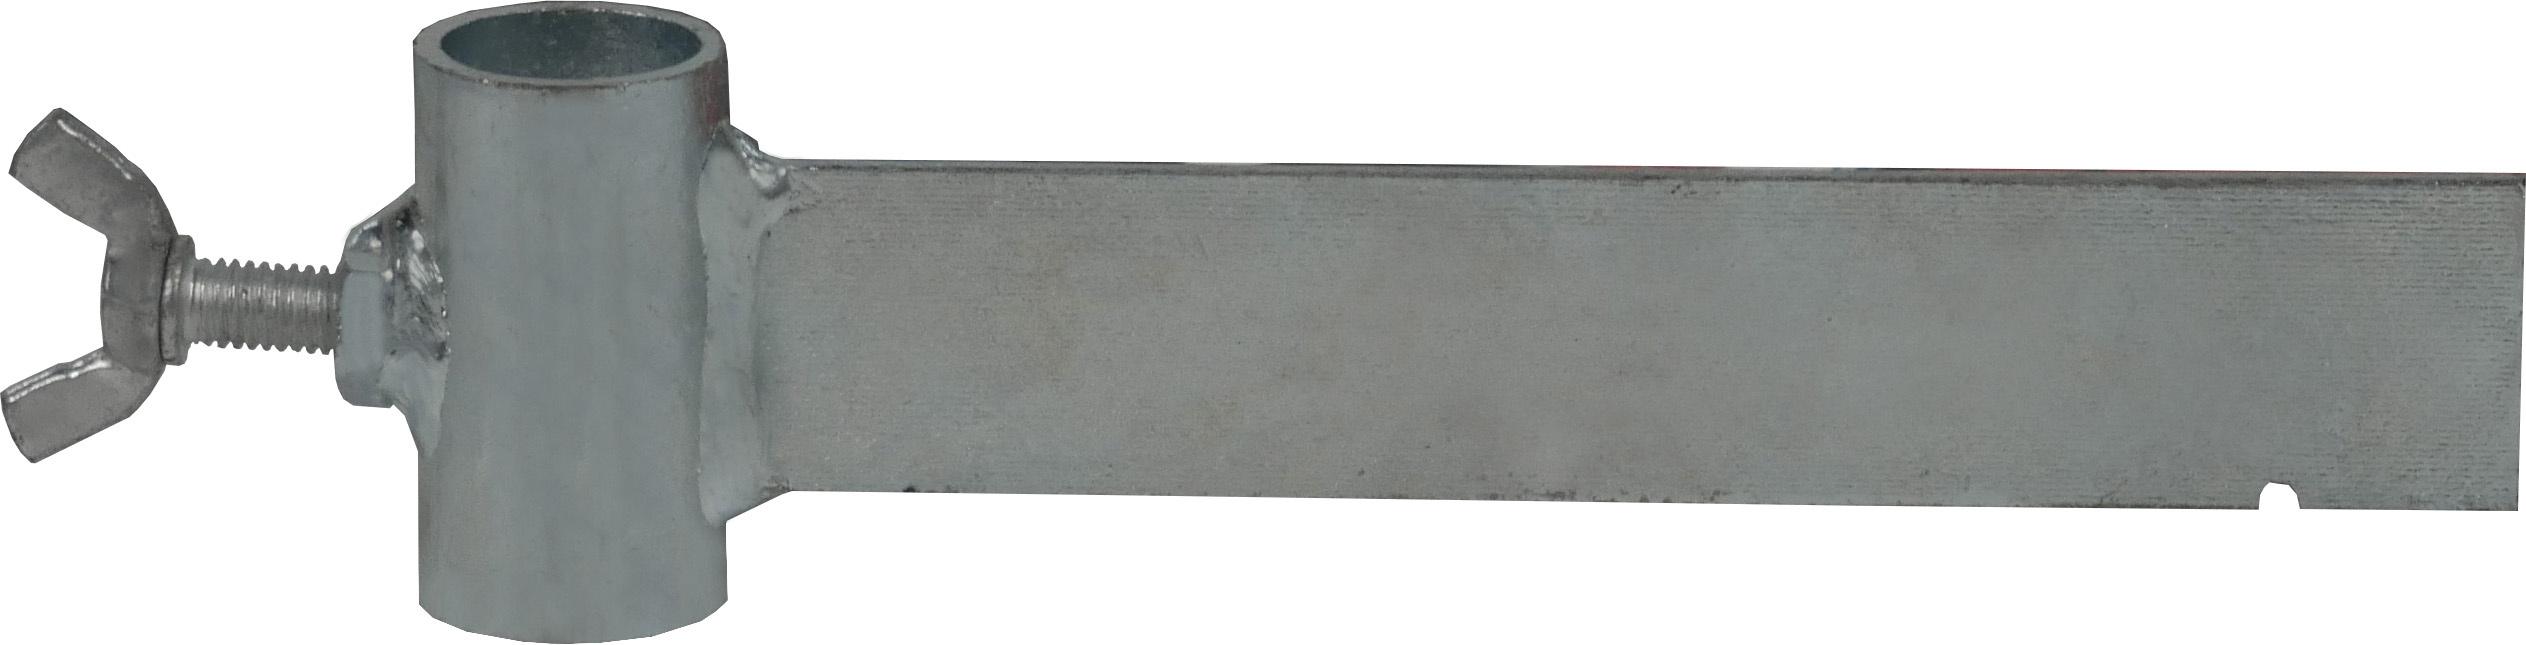 Schake Richtschnurhalter verzinkt für Schnurpfähle Ø 18 mm